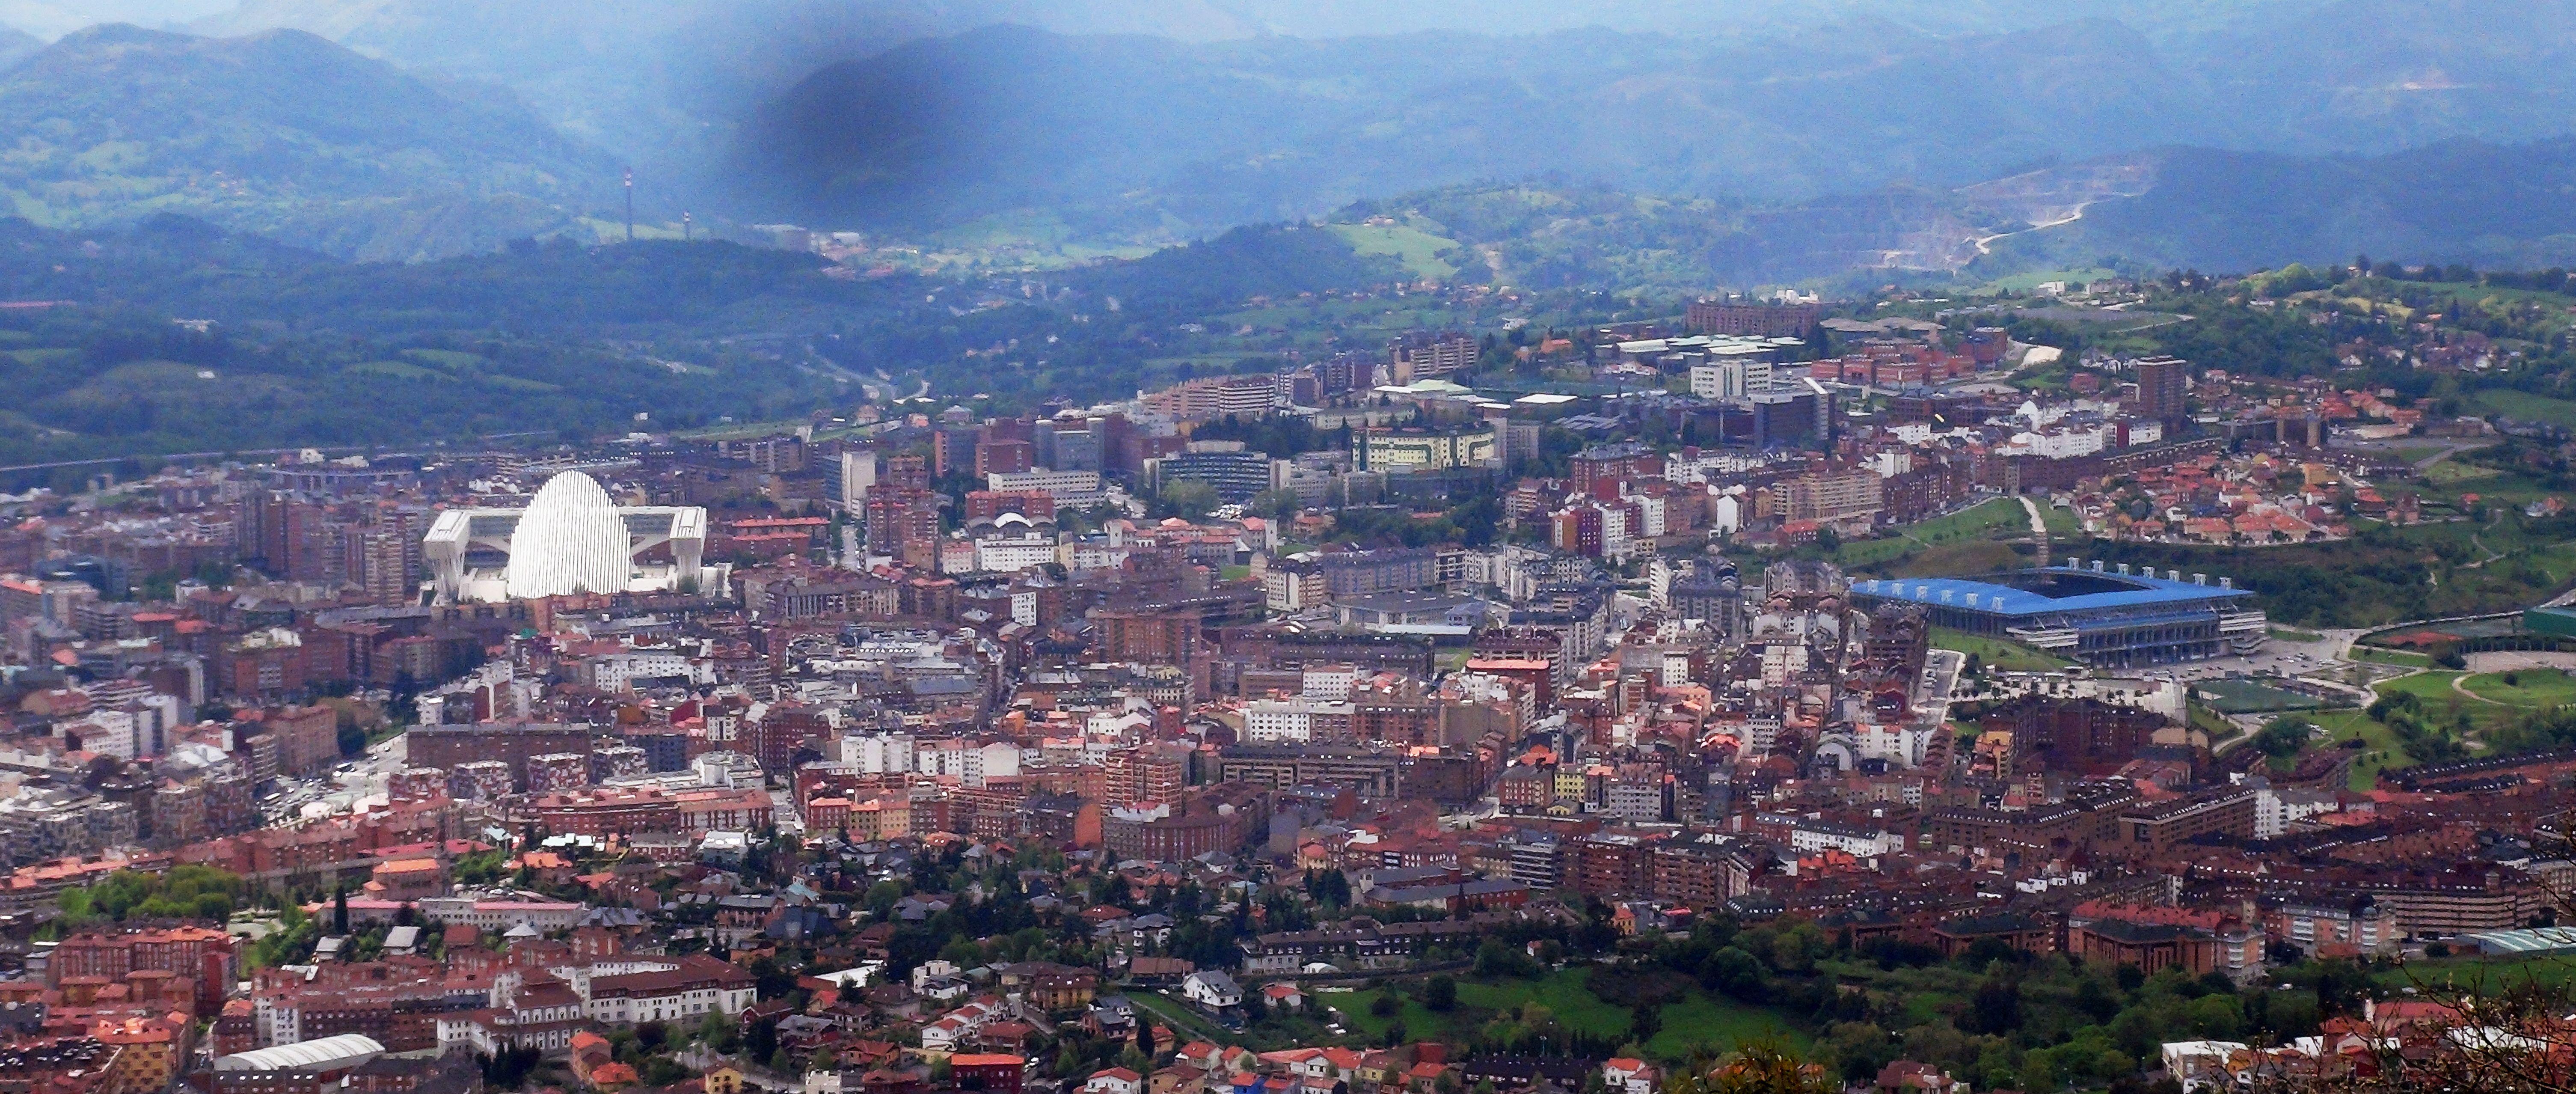 Vista Parcial De La Ciudad De Oviedo Desde El Monte Naranco Oviedo Ciudades Vistas